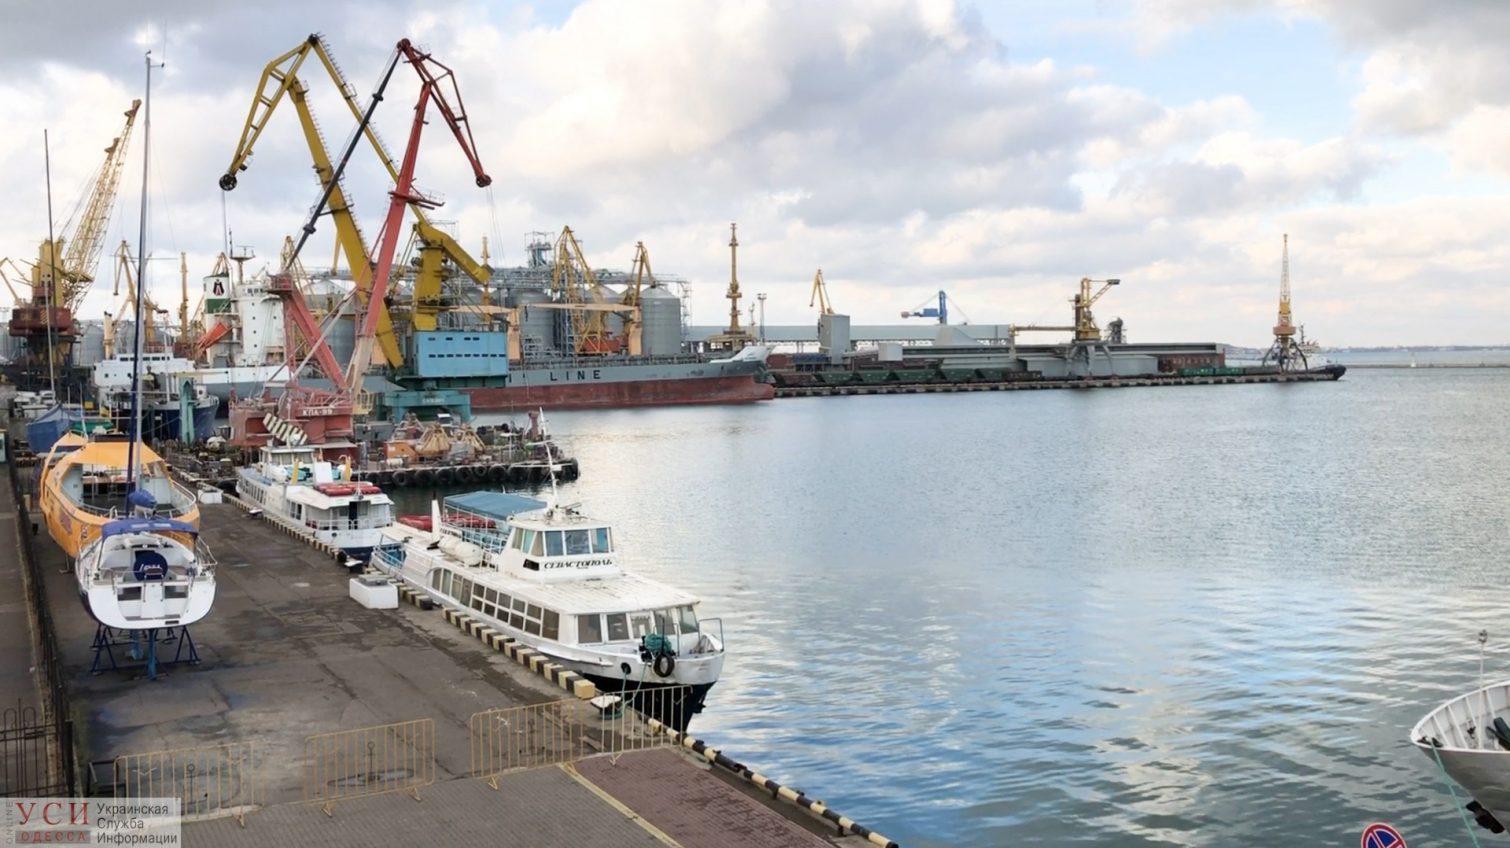 Половина контейнерного терминала французского инвестора в Одесском порту отойдет компании из Китая «фото»